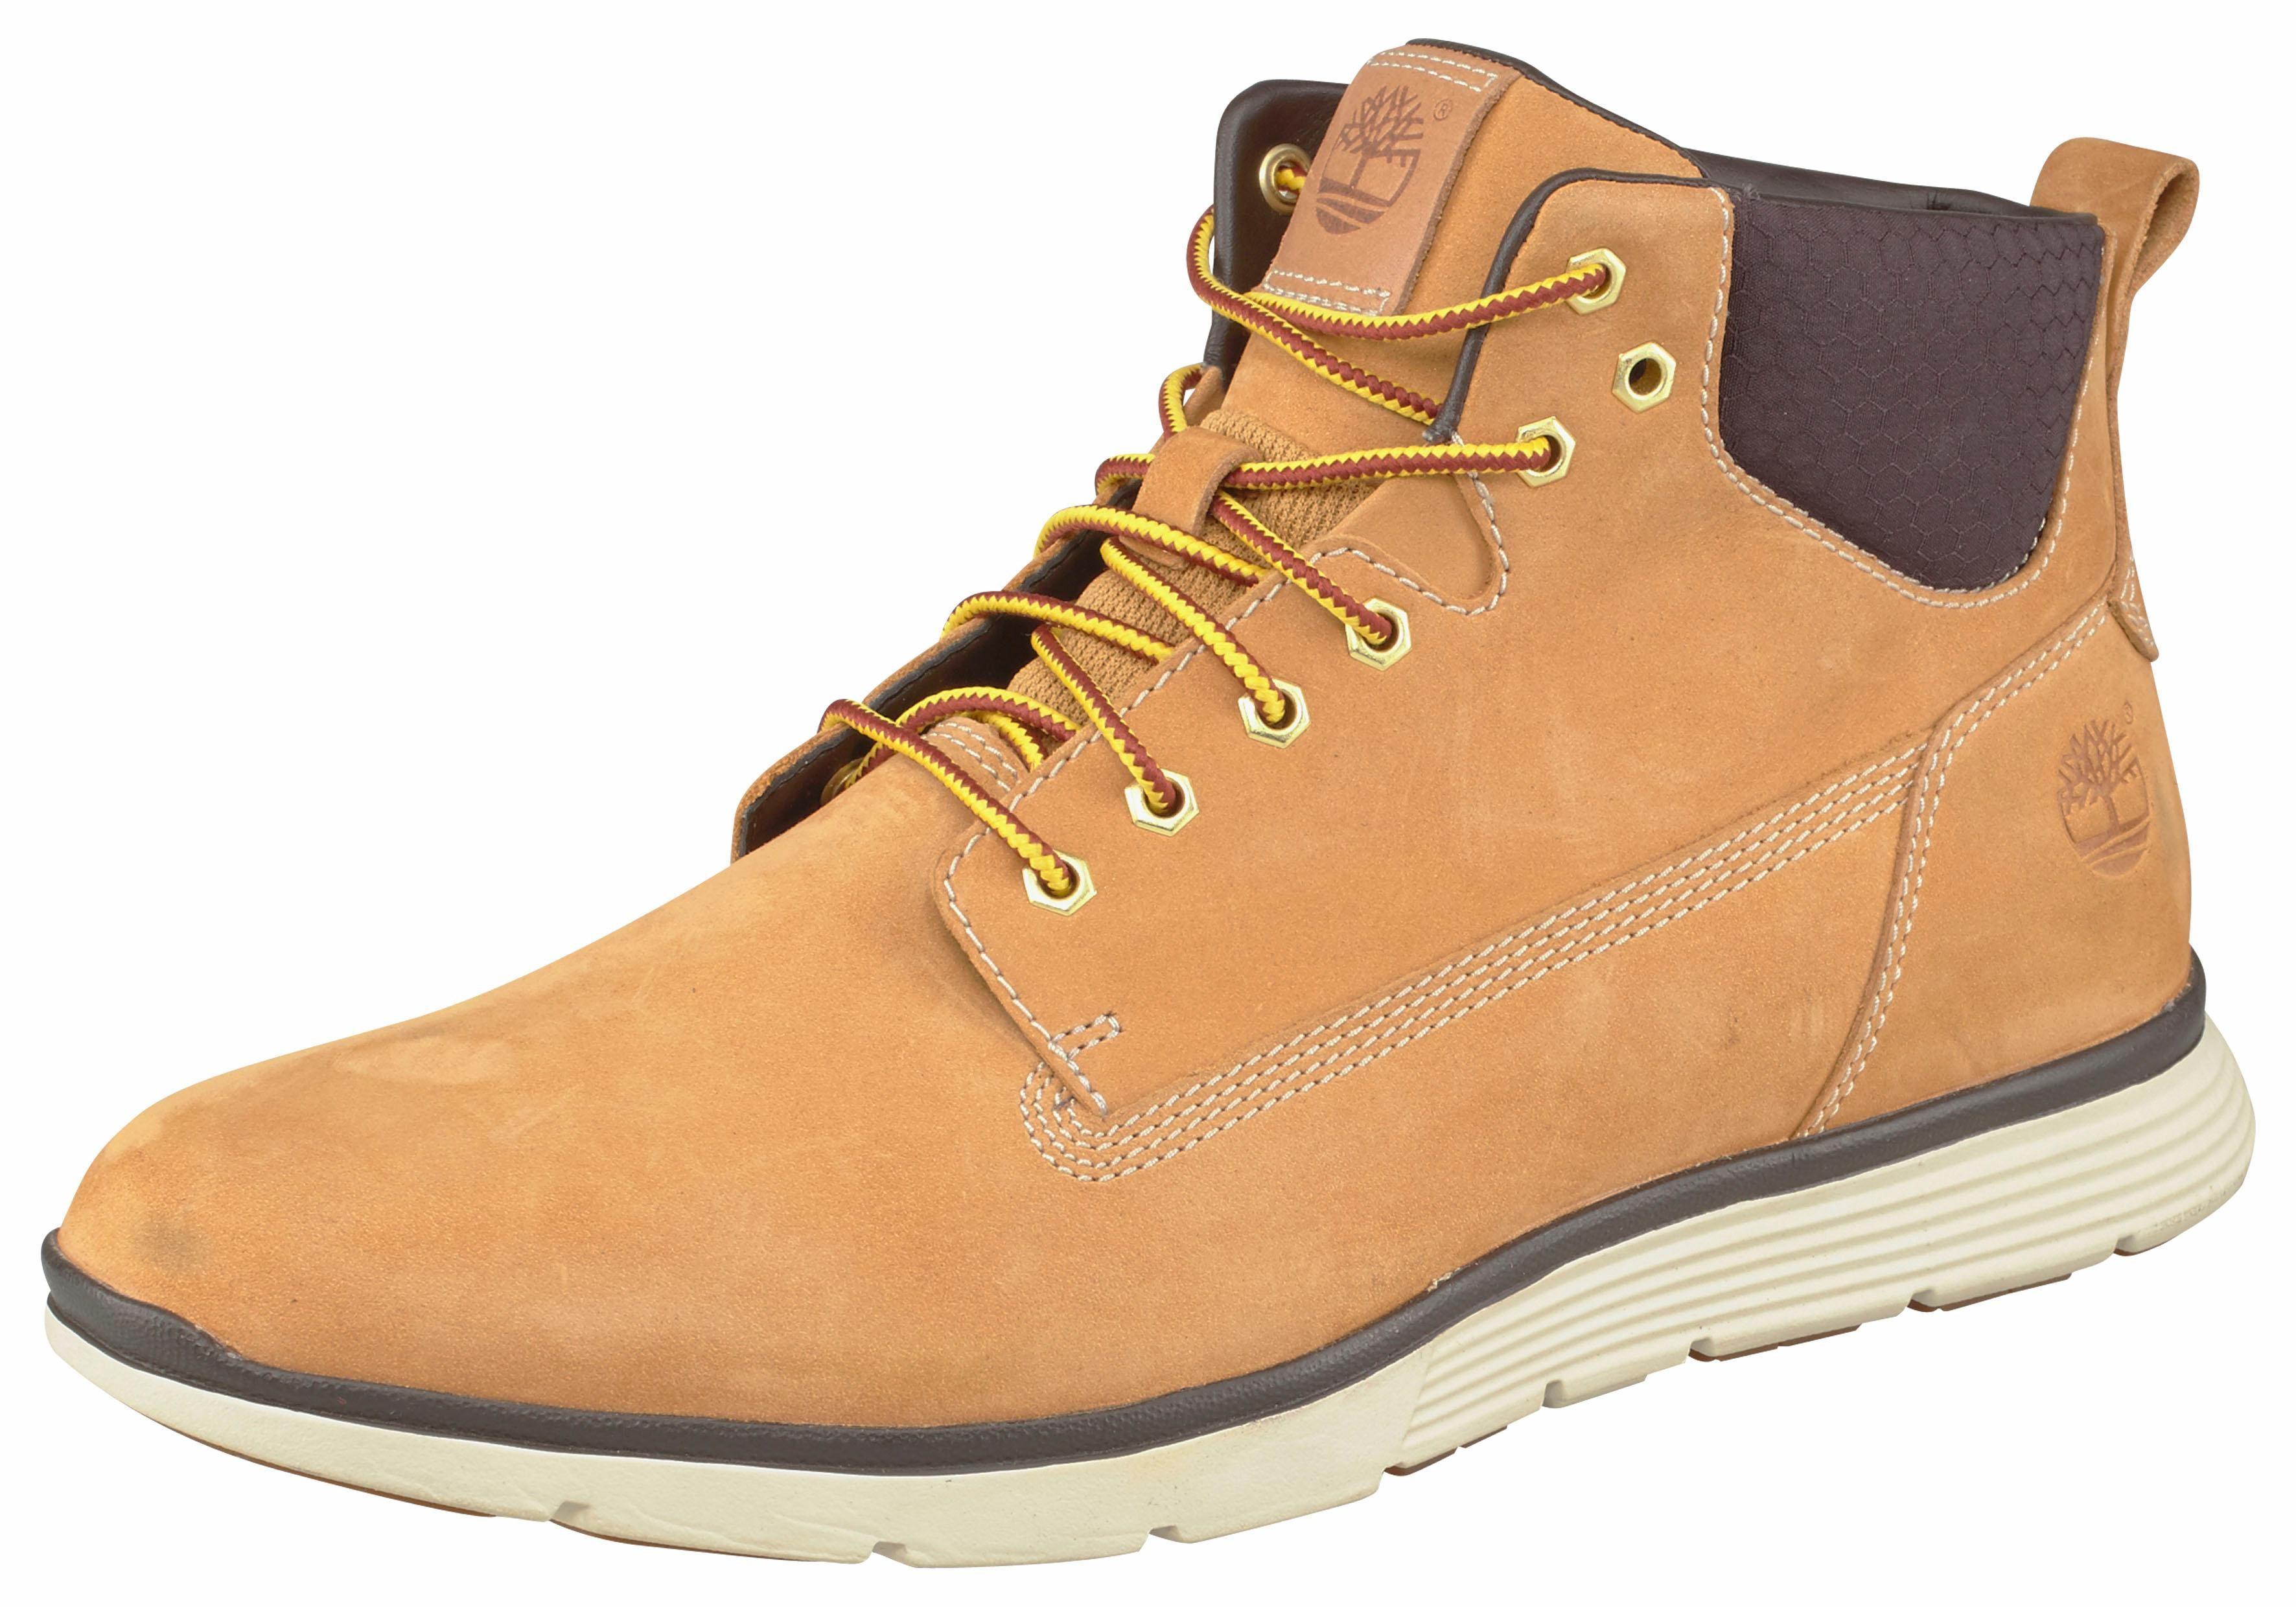 Timberland »Killington Chukka M« Sneaker, Sehr leichter Sneaker von Timberland online kaufen | OTTO